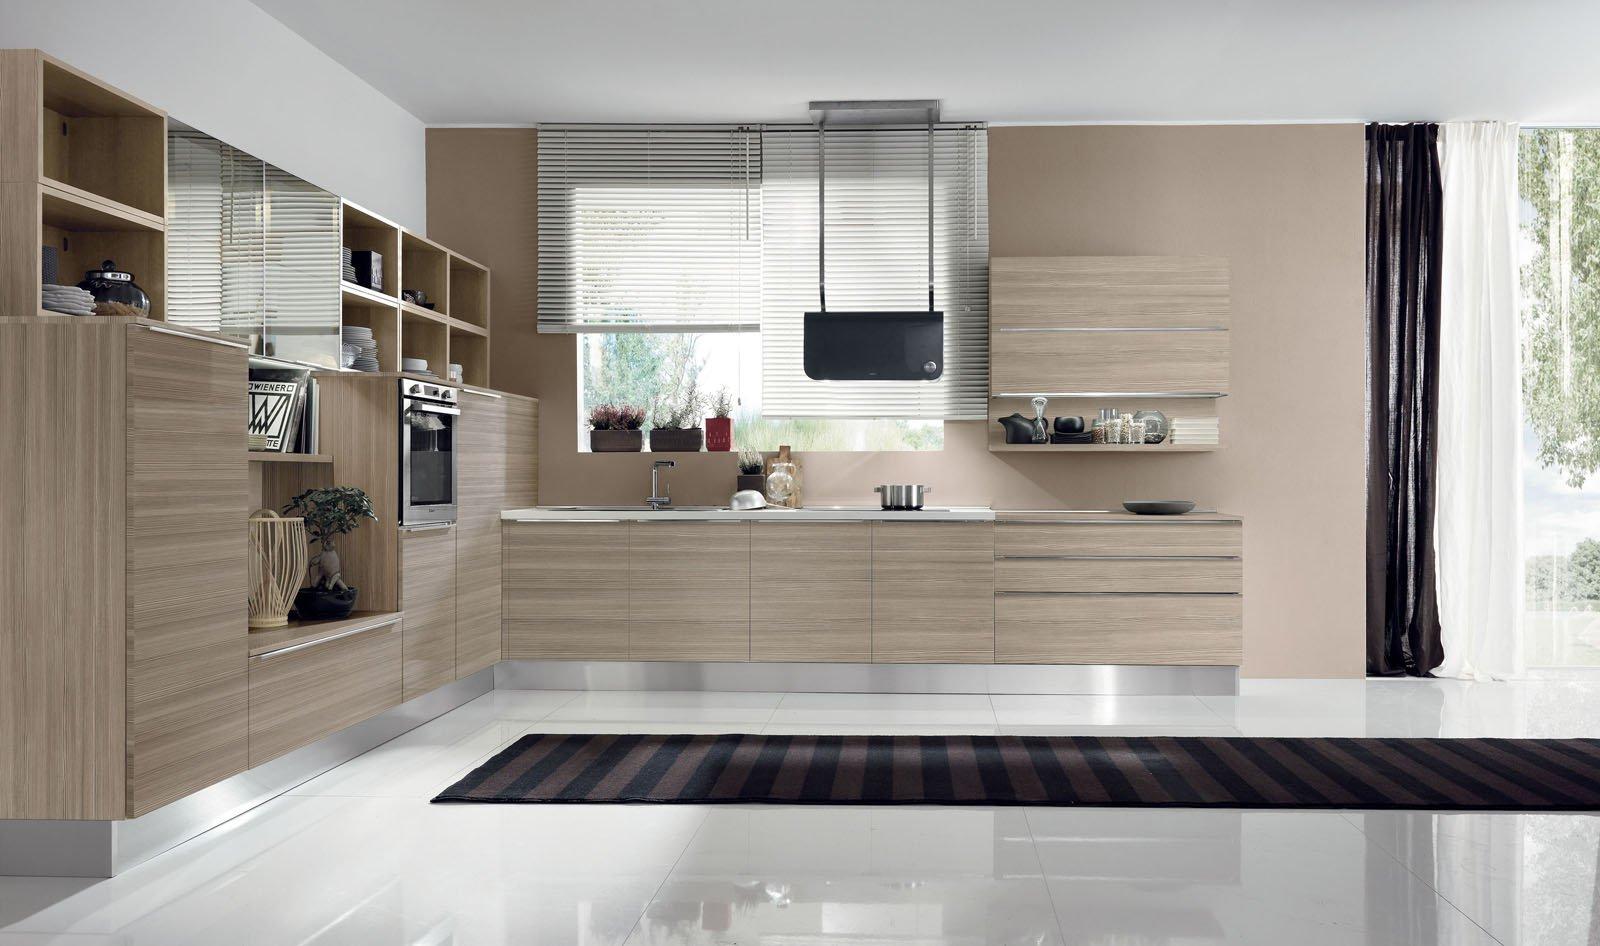 Aran: 5 cucine per sfruttare lo spazio in modi differenti - Cose di Casa